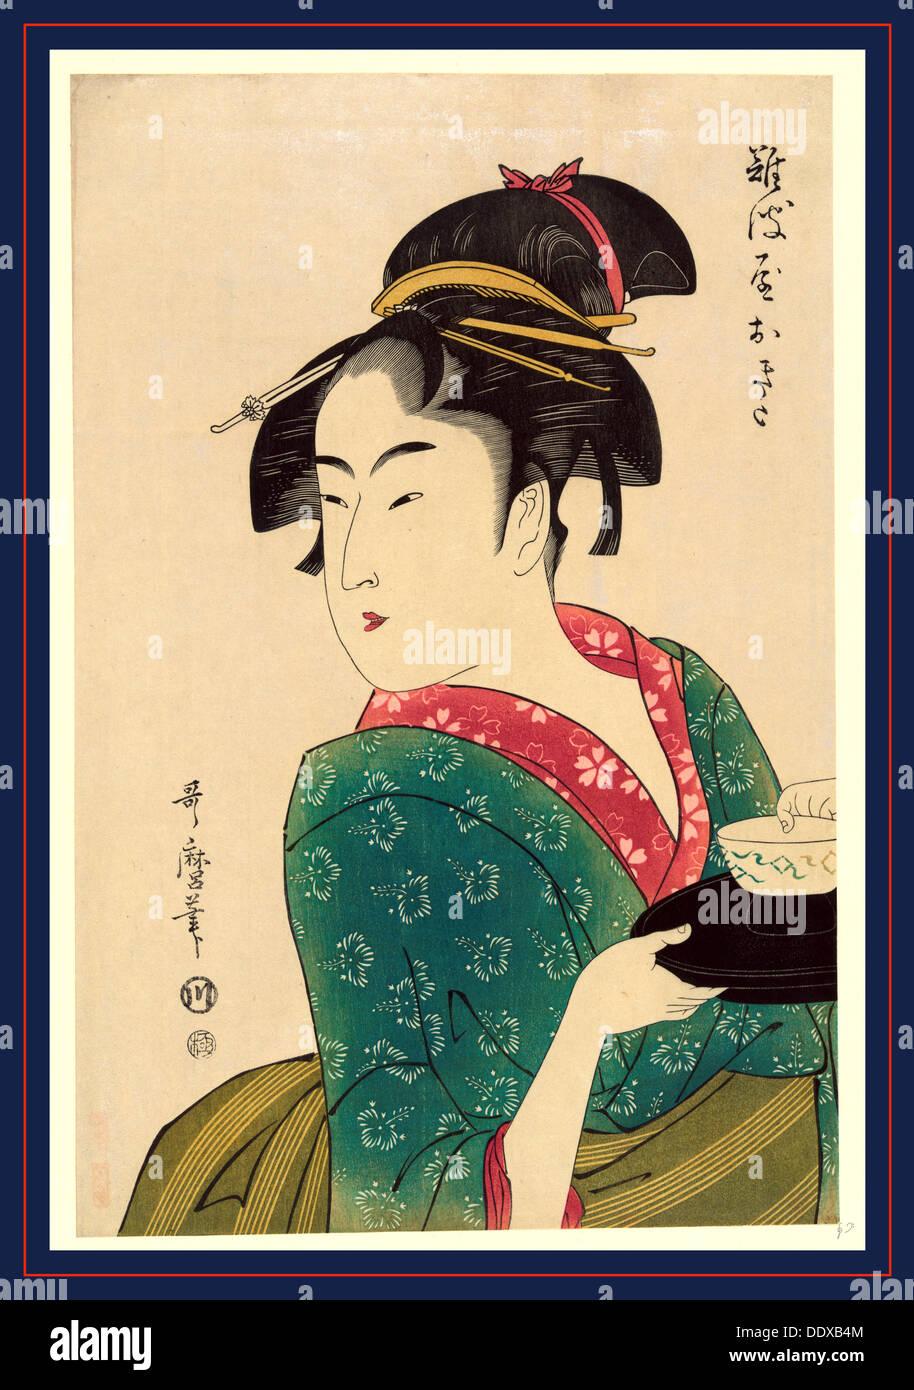 Naniwaya okita, Okita de Naniwa-ya. [1793], 1 imprimir posteriormente imprimir : xilografía, color, impresión muestraFoto de stock